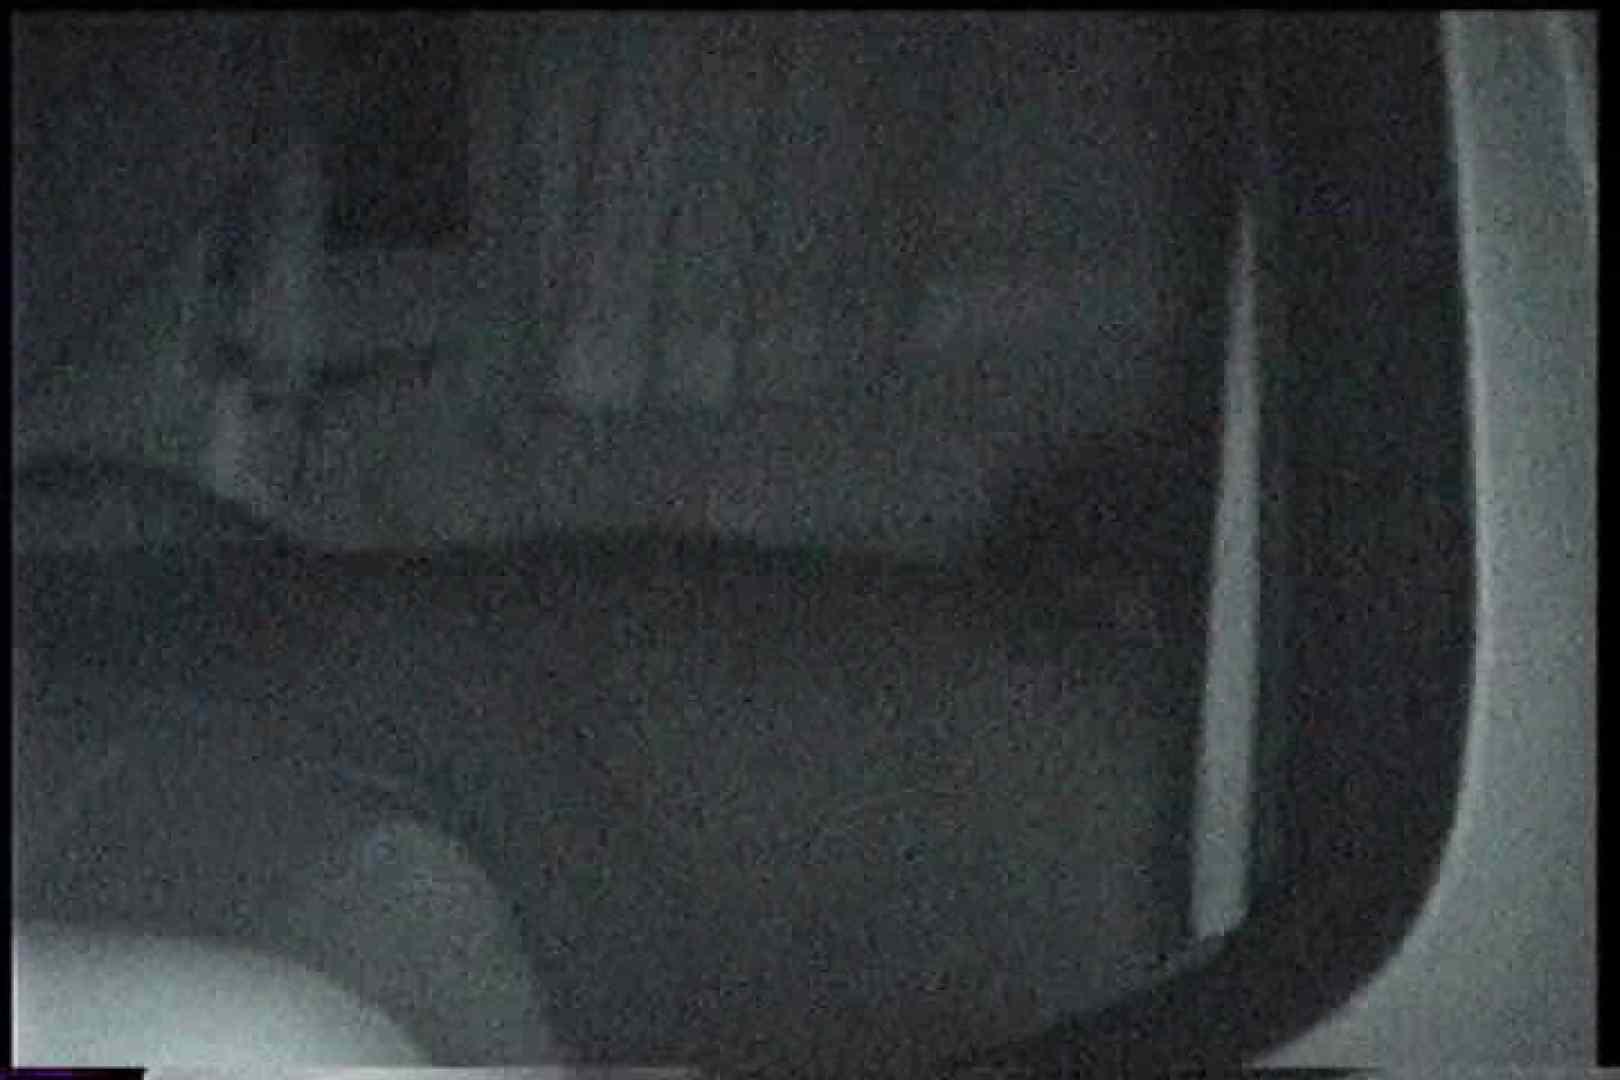 充血監督の深夜の運動会Vol.177 前編 OLセックス 盗み撮りオマンコ動画キャプチャ 79画像 34